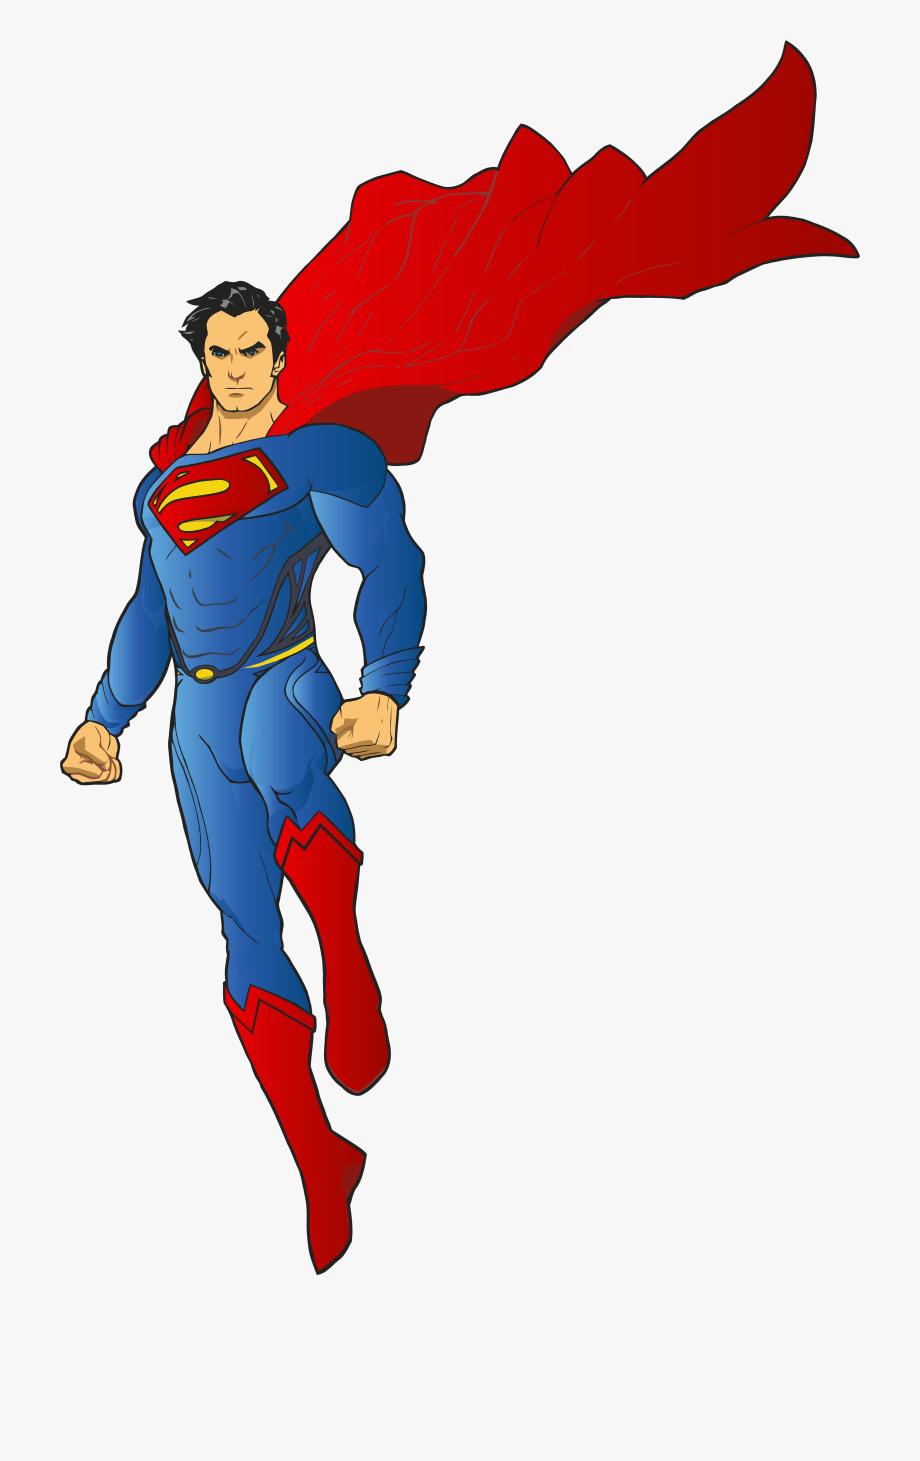 Super hero transparent.